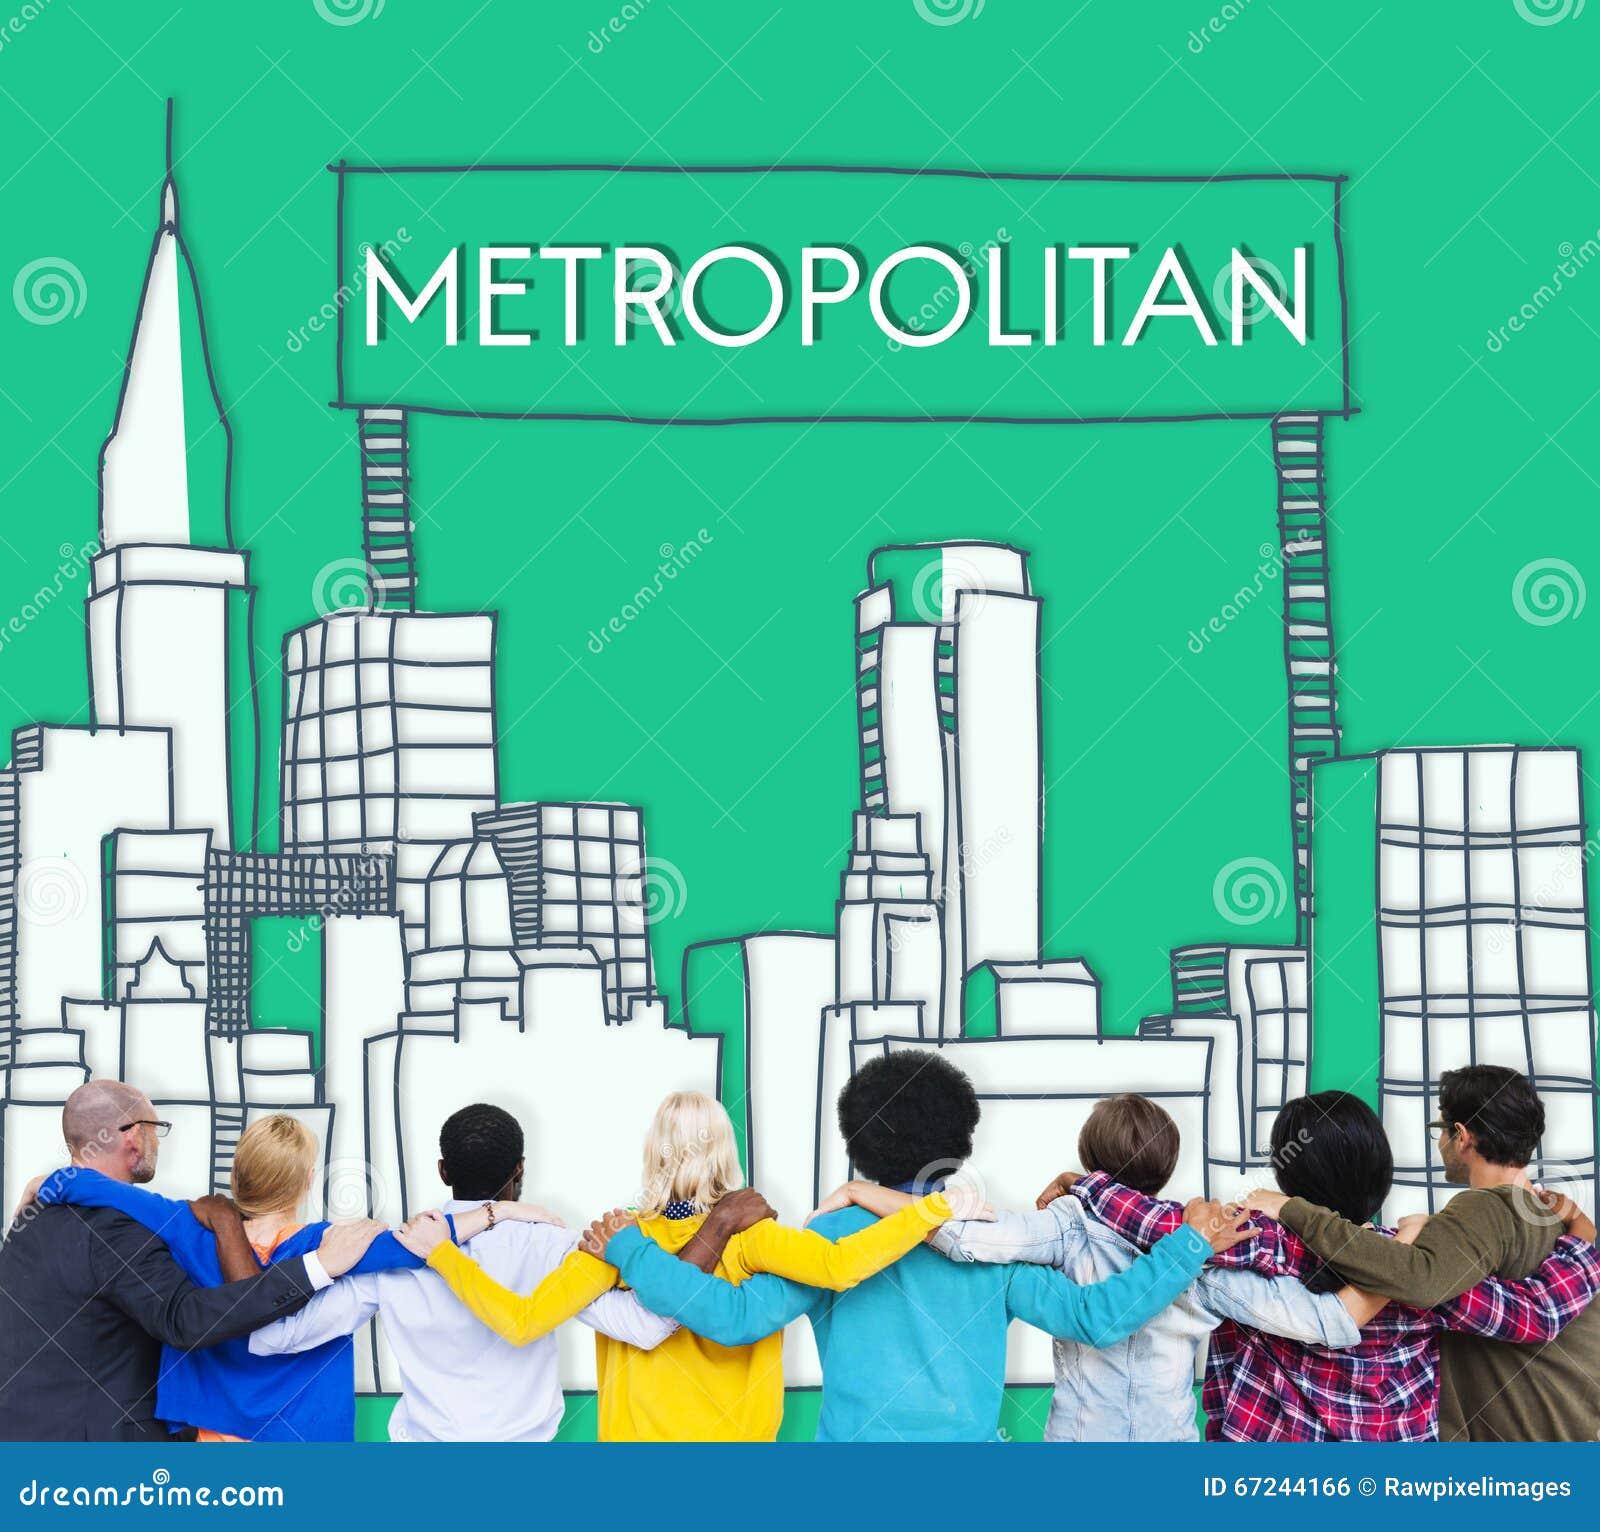 Concepto avanzado de la democracia urbana metropolitana de la ciudad